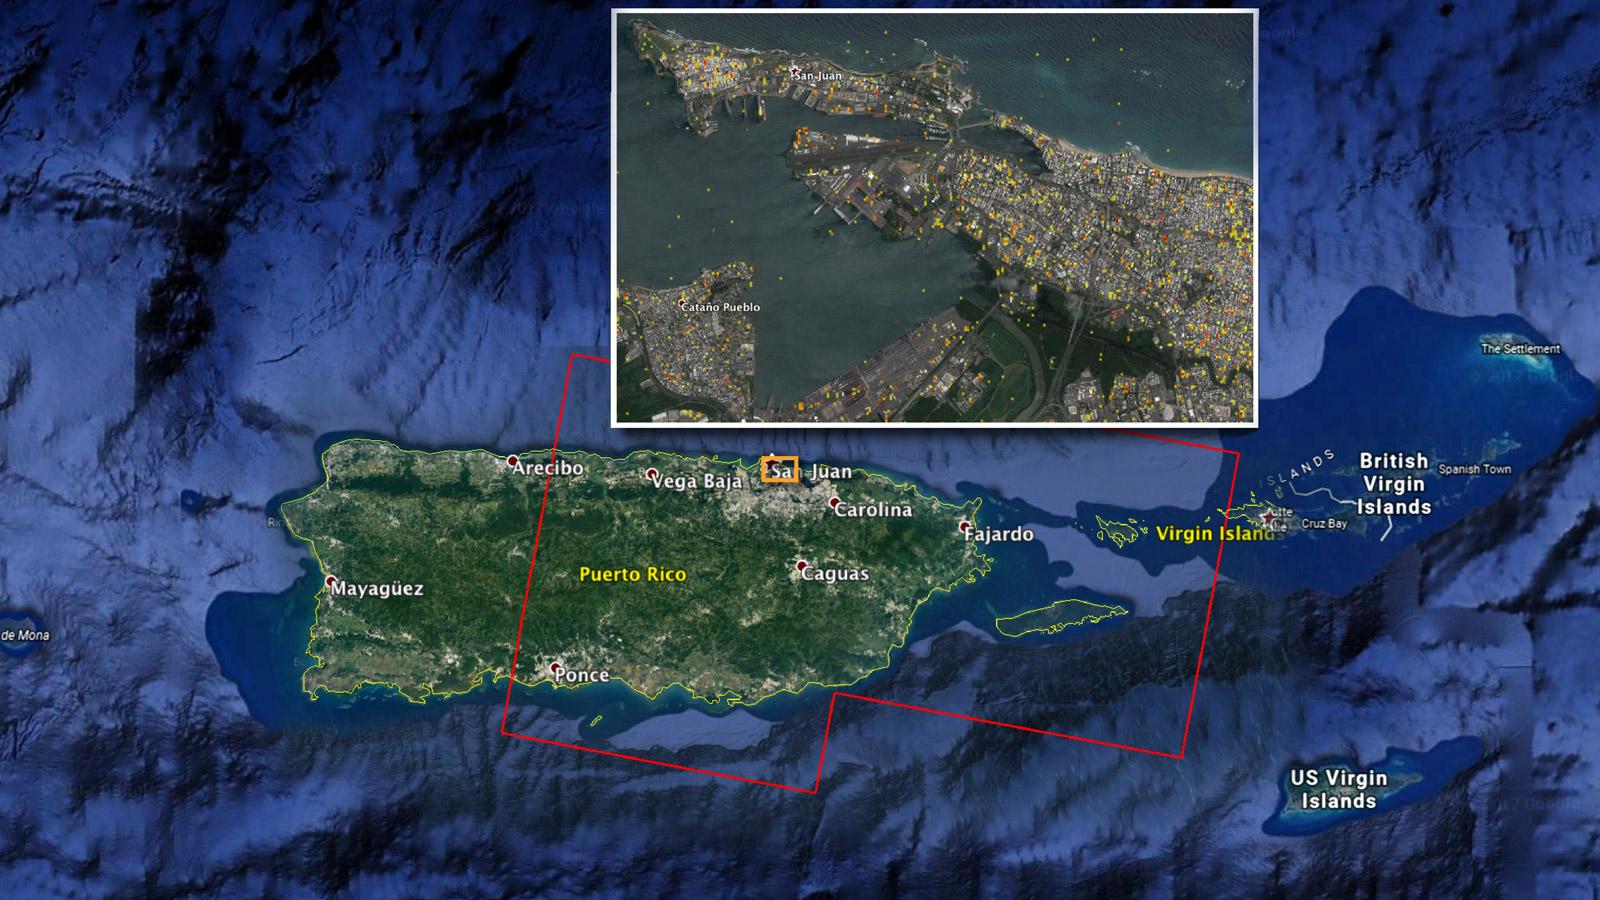 Nasa Damage Map Aids Puerto Rico Hurricane Response Nasa